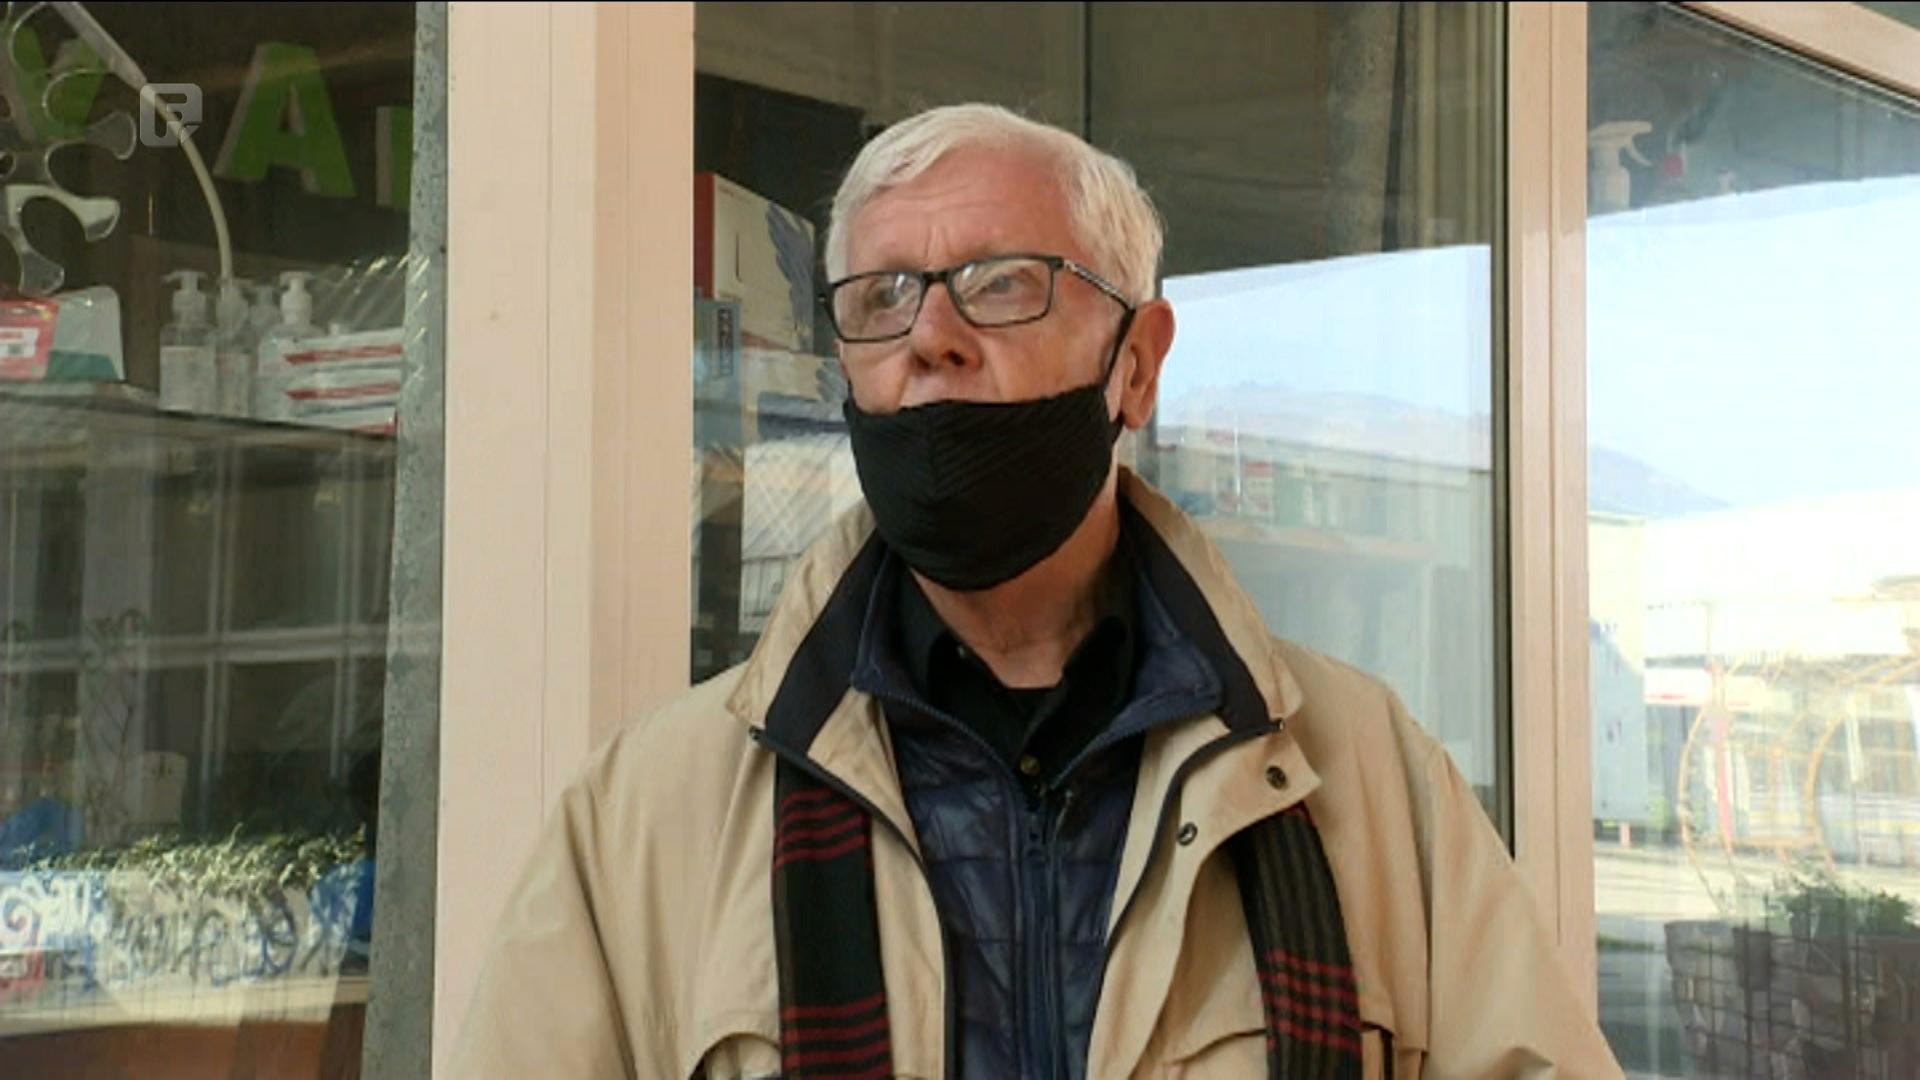 JU BKC KS daje podršku Prijedlogu da se Šestoaprilska nagrada Grada Sarajeva dodijeli prof. Halidu Kuburoviću